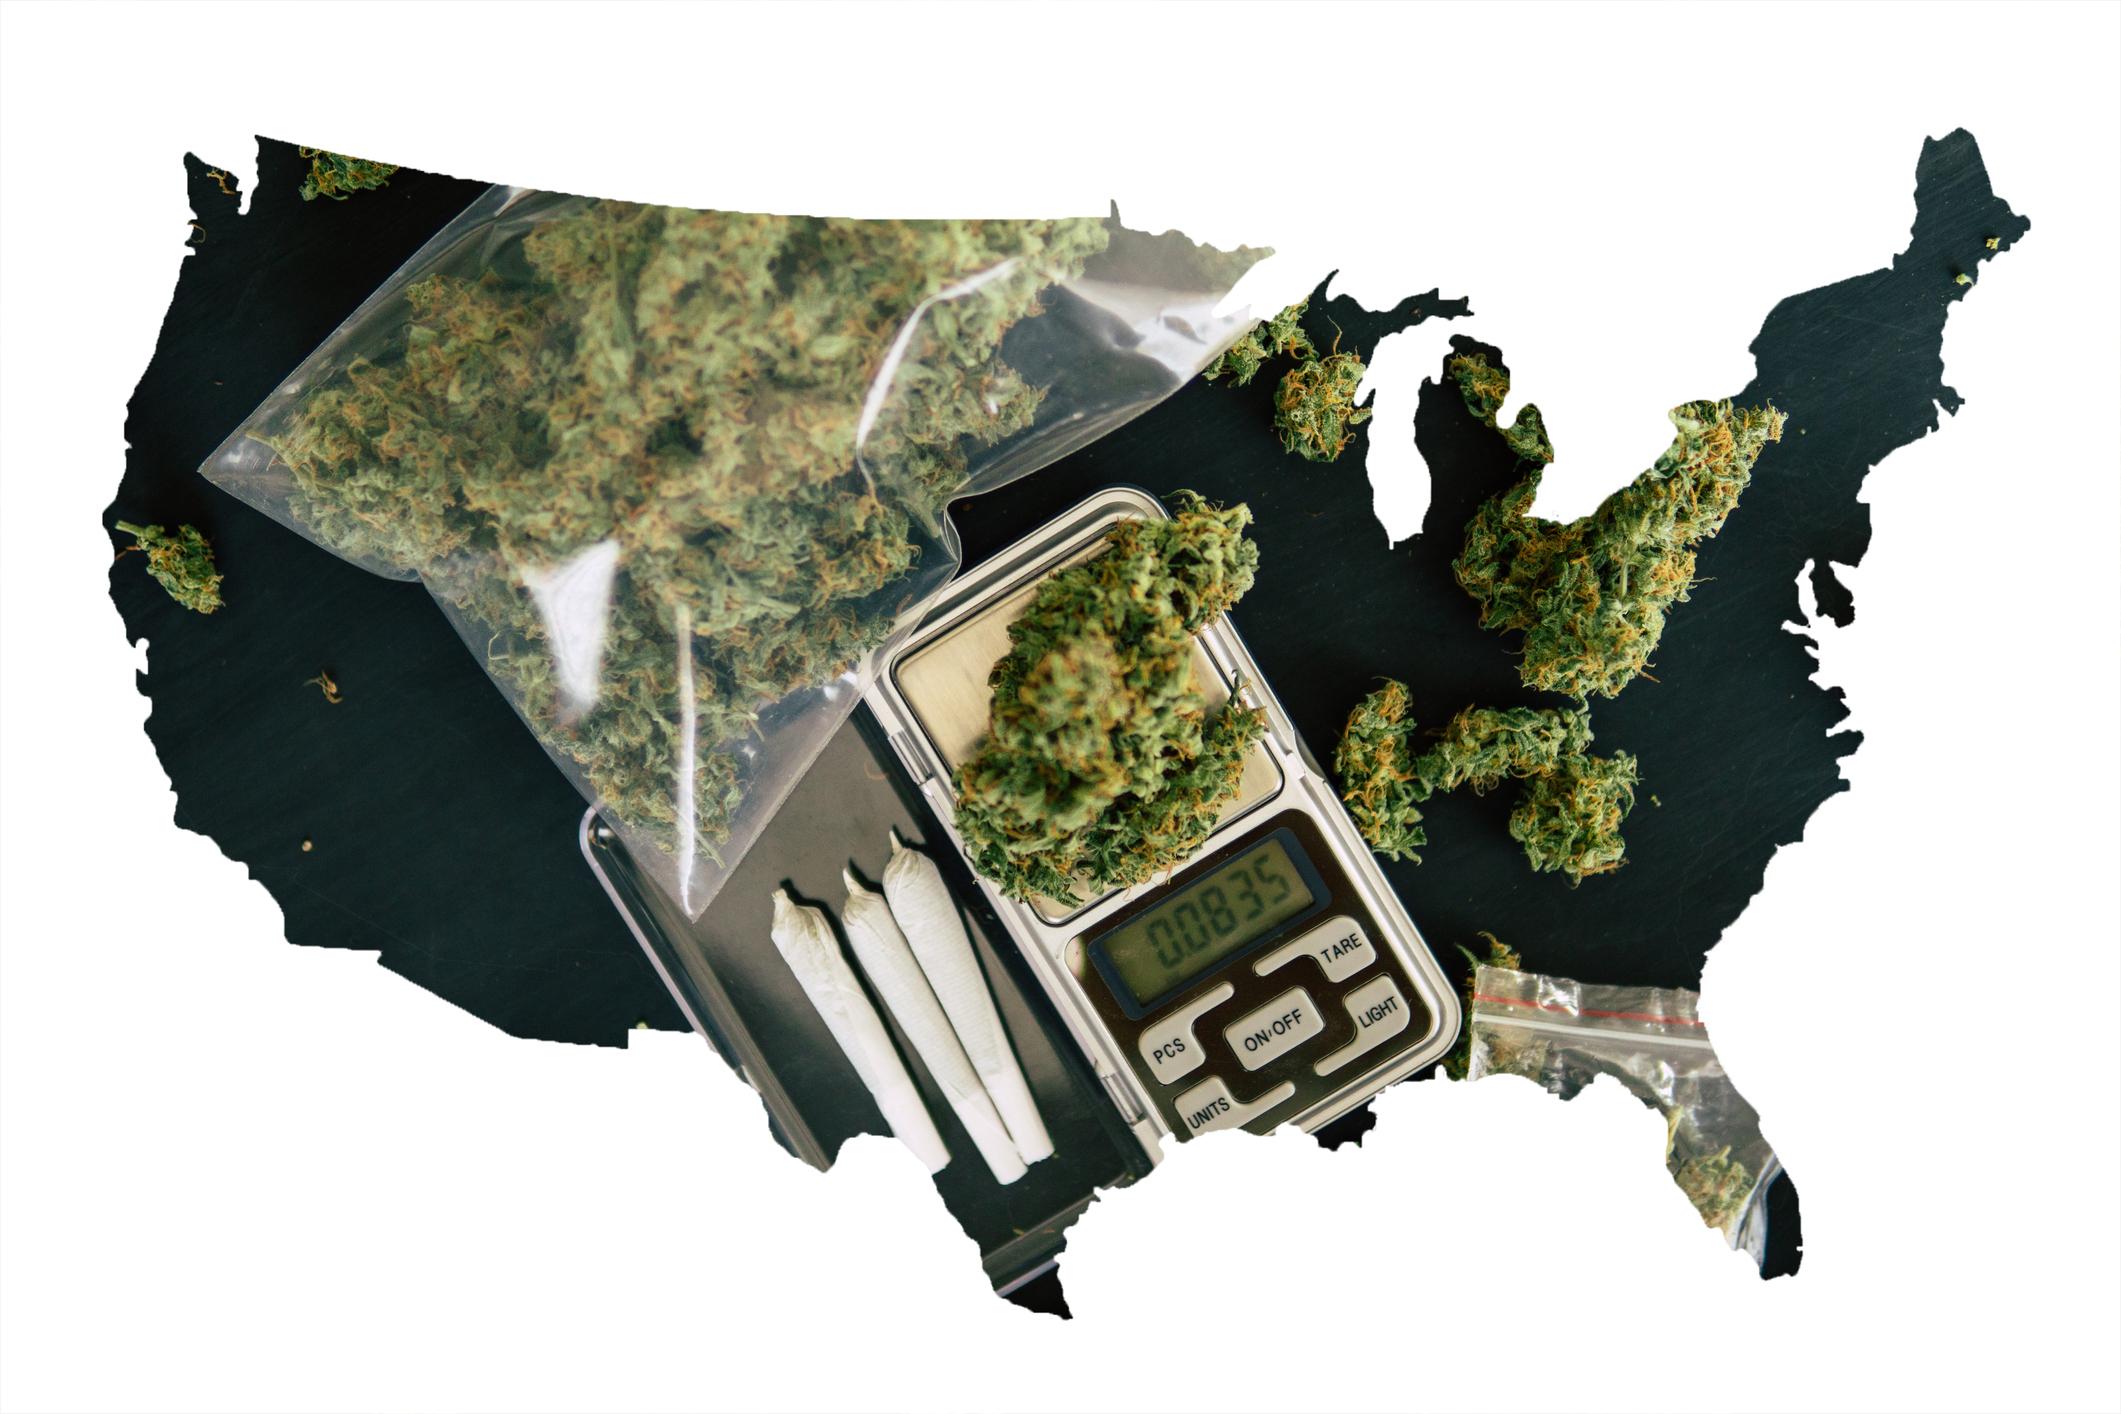 3 States Likely to Legalize Marijuana Next